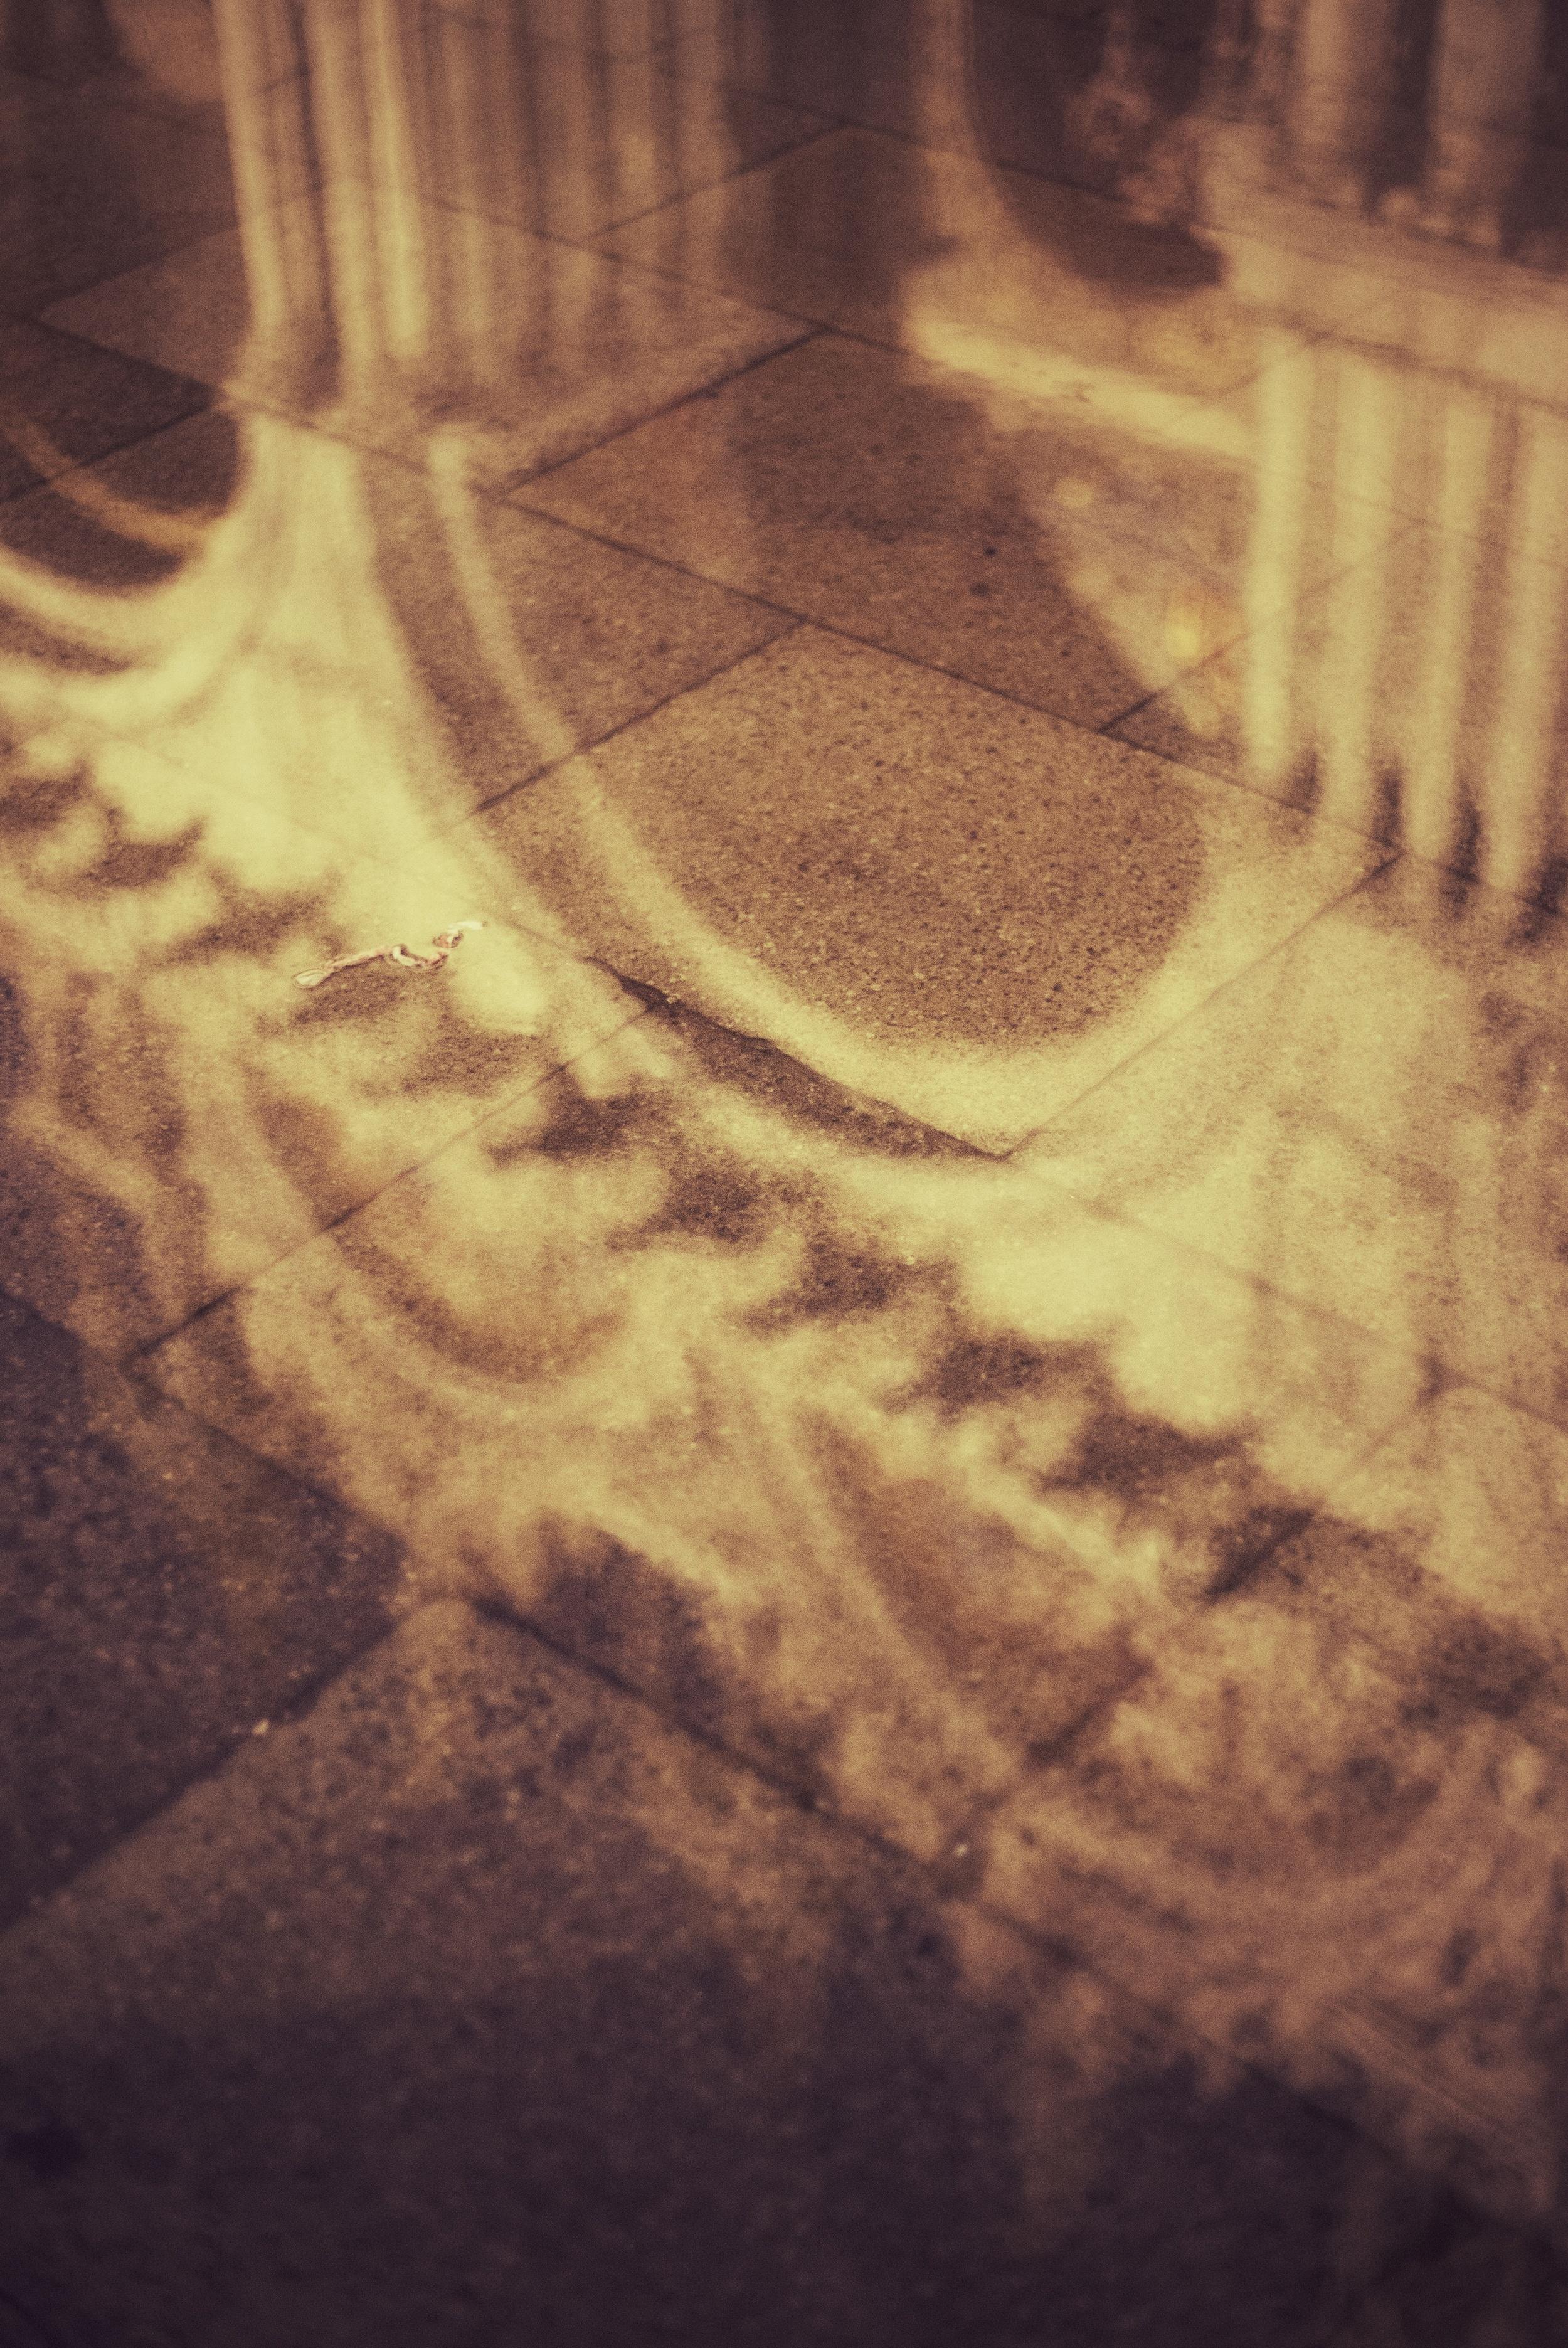 DSC06299_Snapseed.jpg